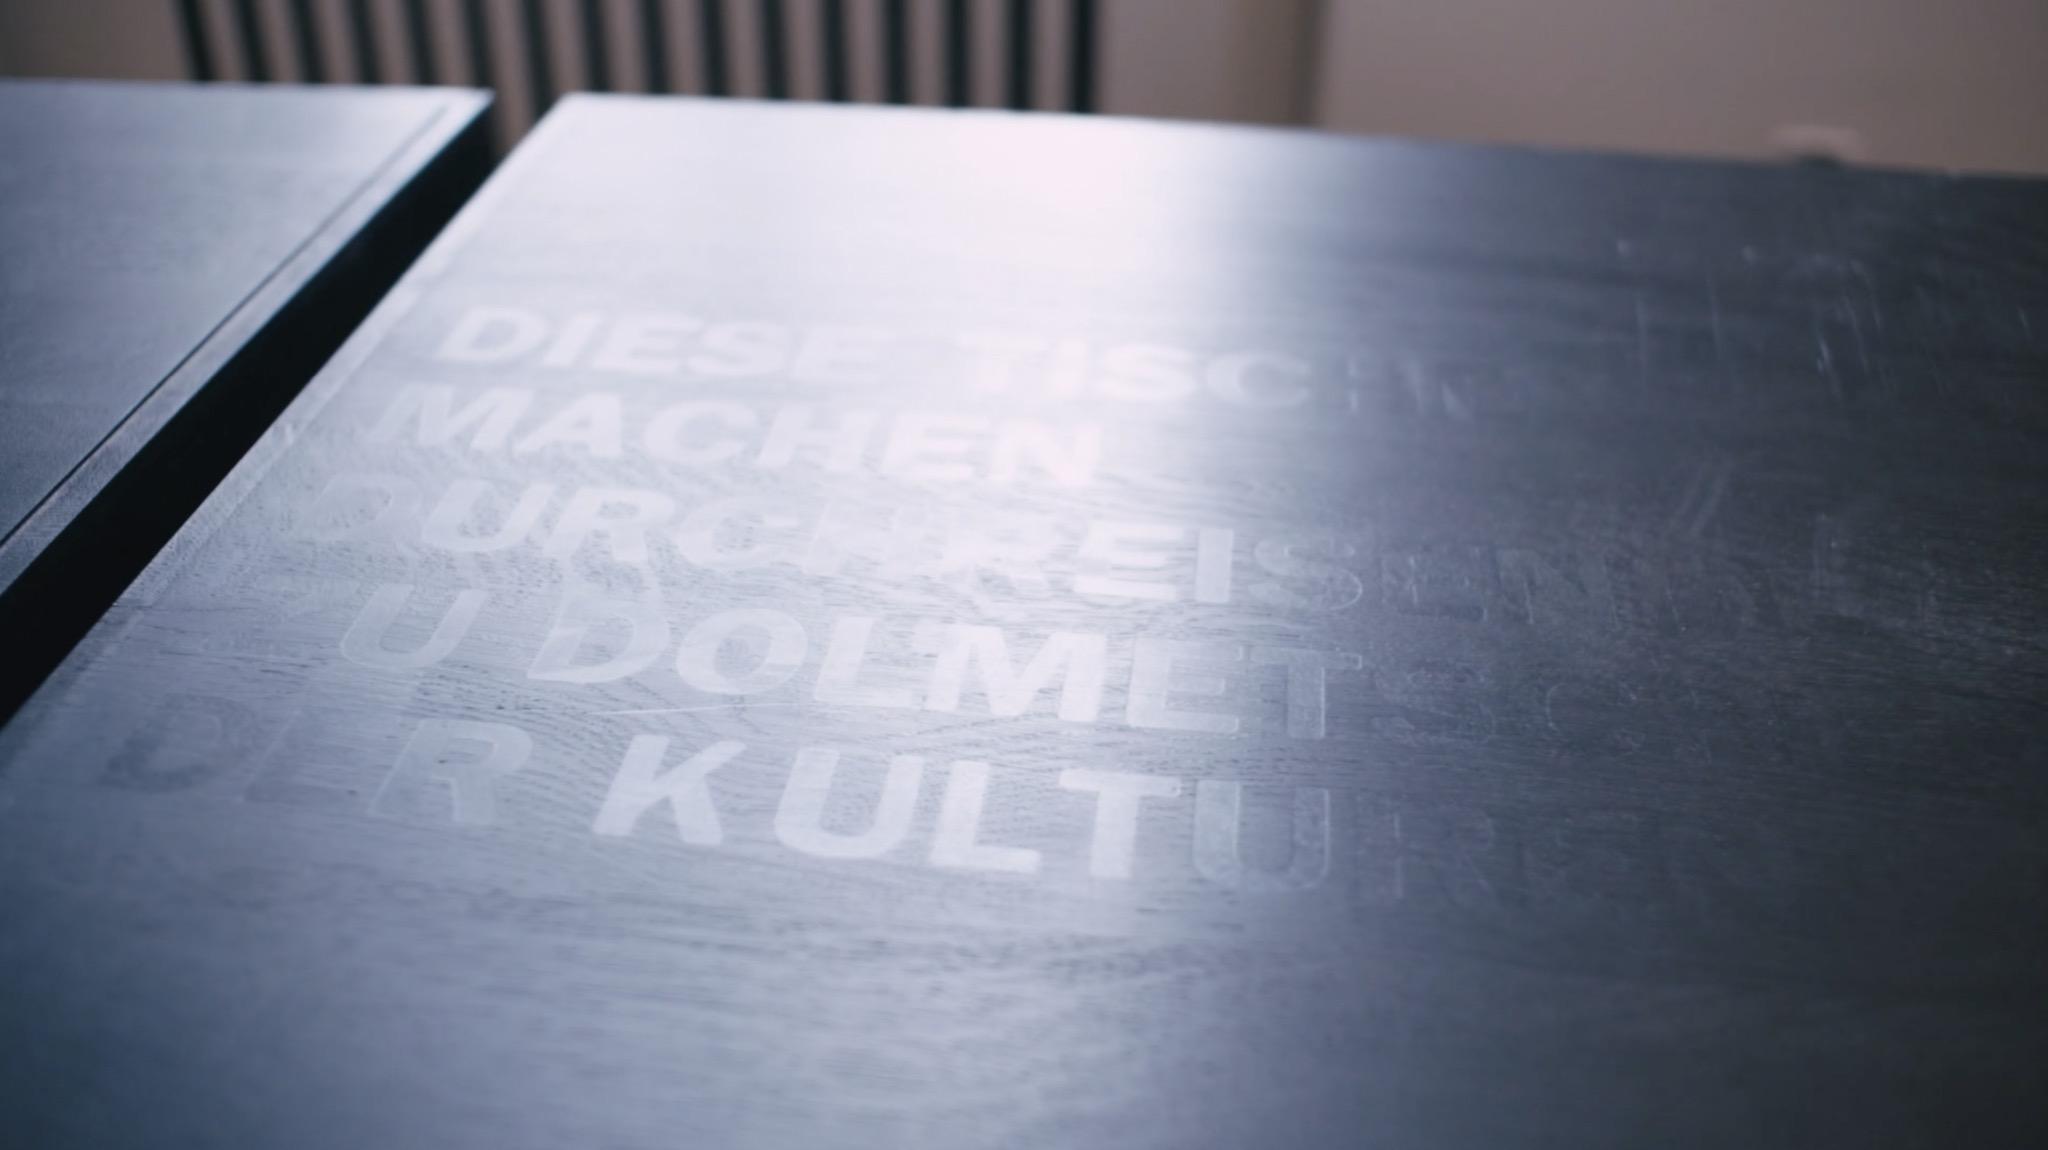 Werkhalle, Mannheim, Referenz, Thorsten Hempel, Bar Rossi